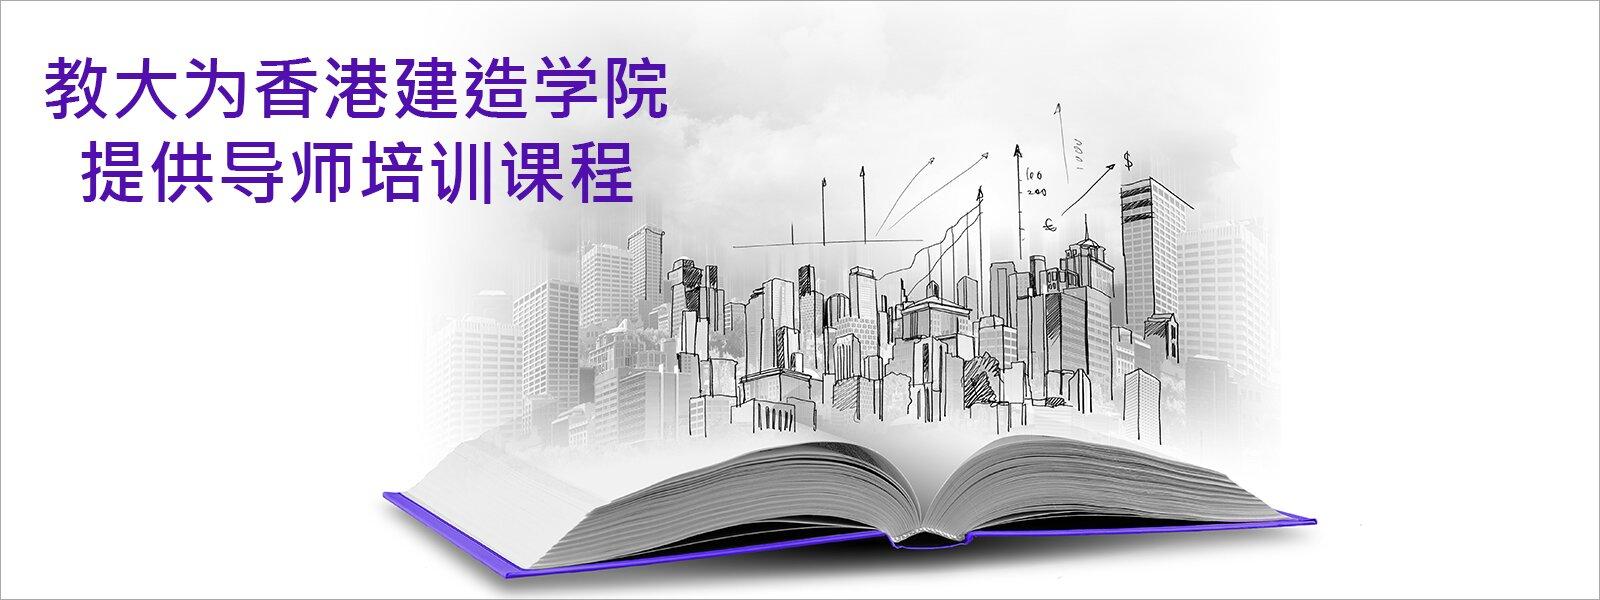 教大为香港建造学院 提供导师培训课程